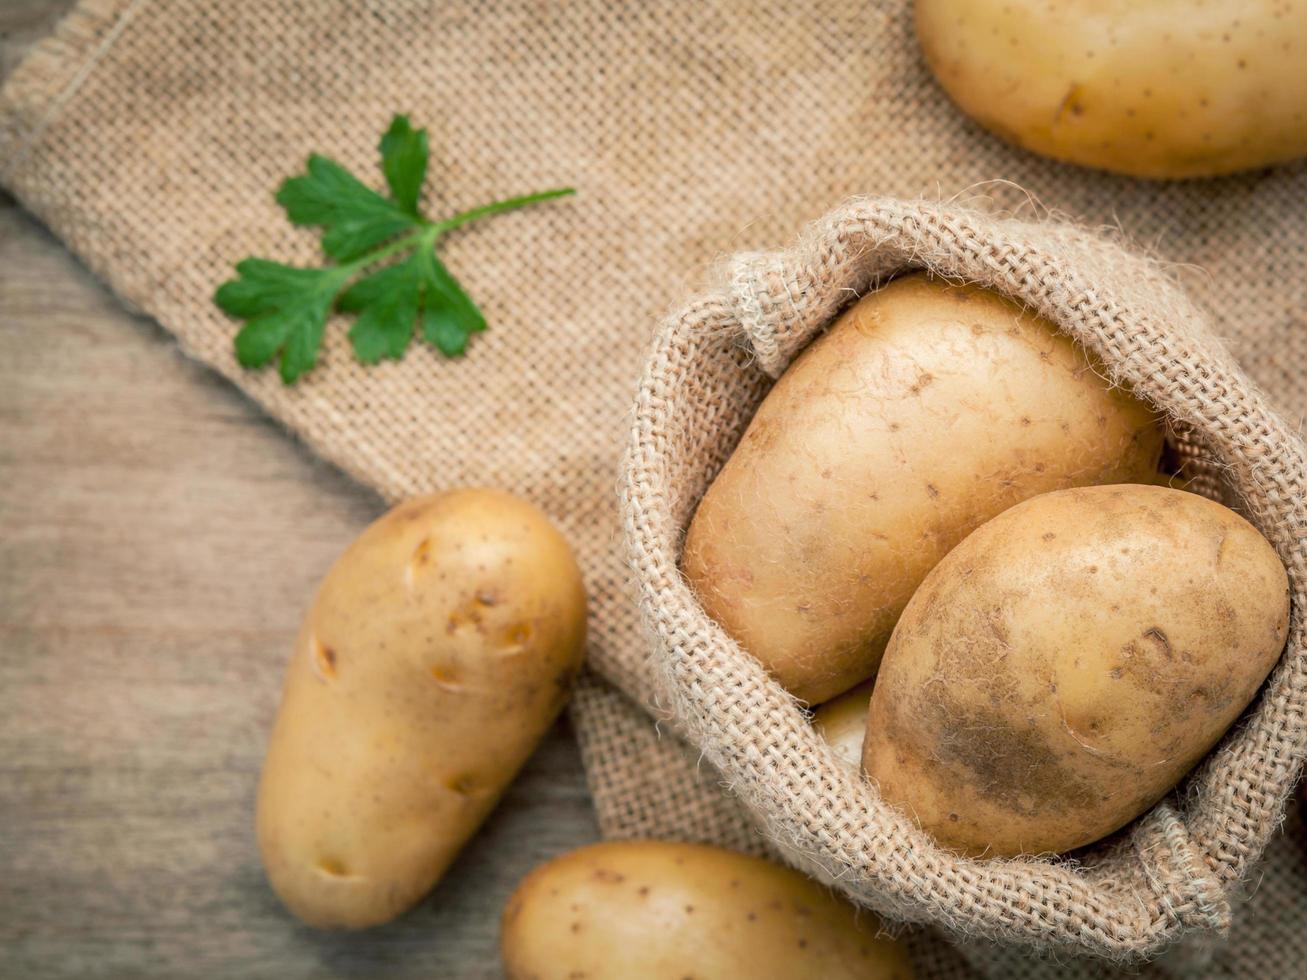 verse biologische aardappelen foto